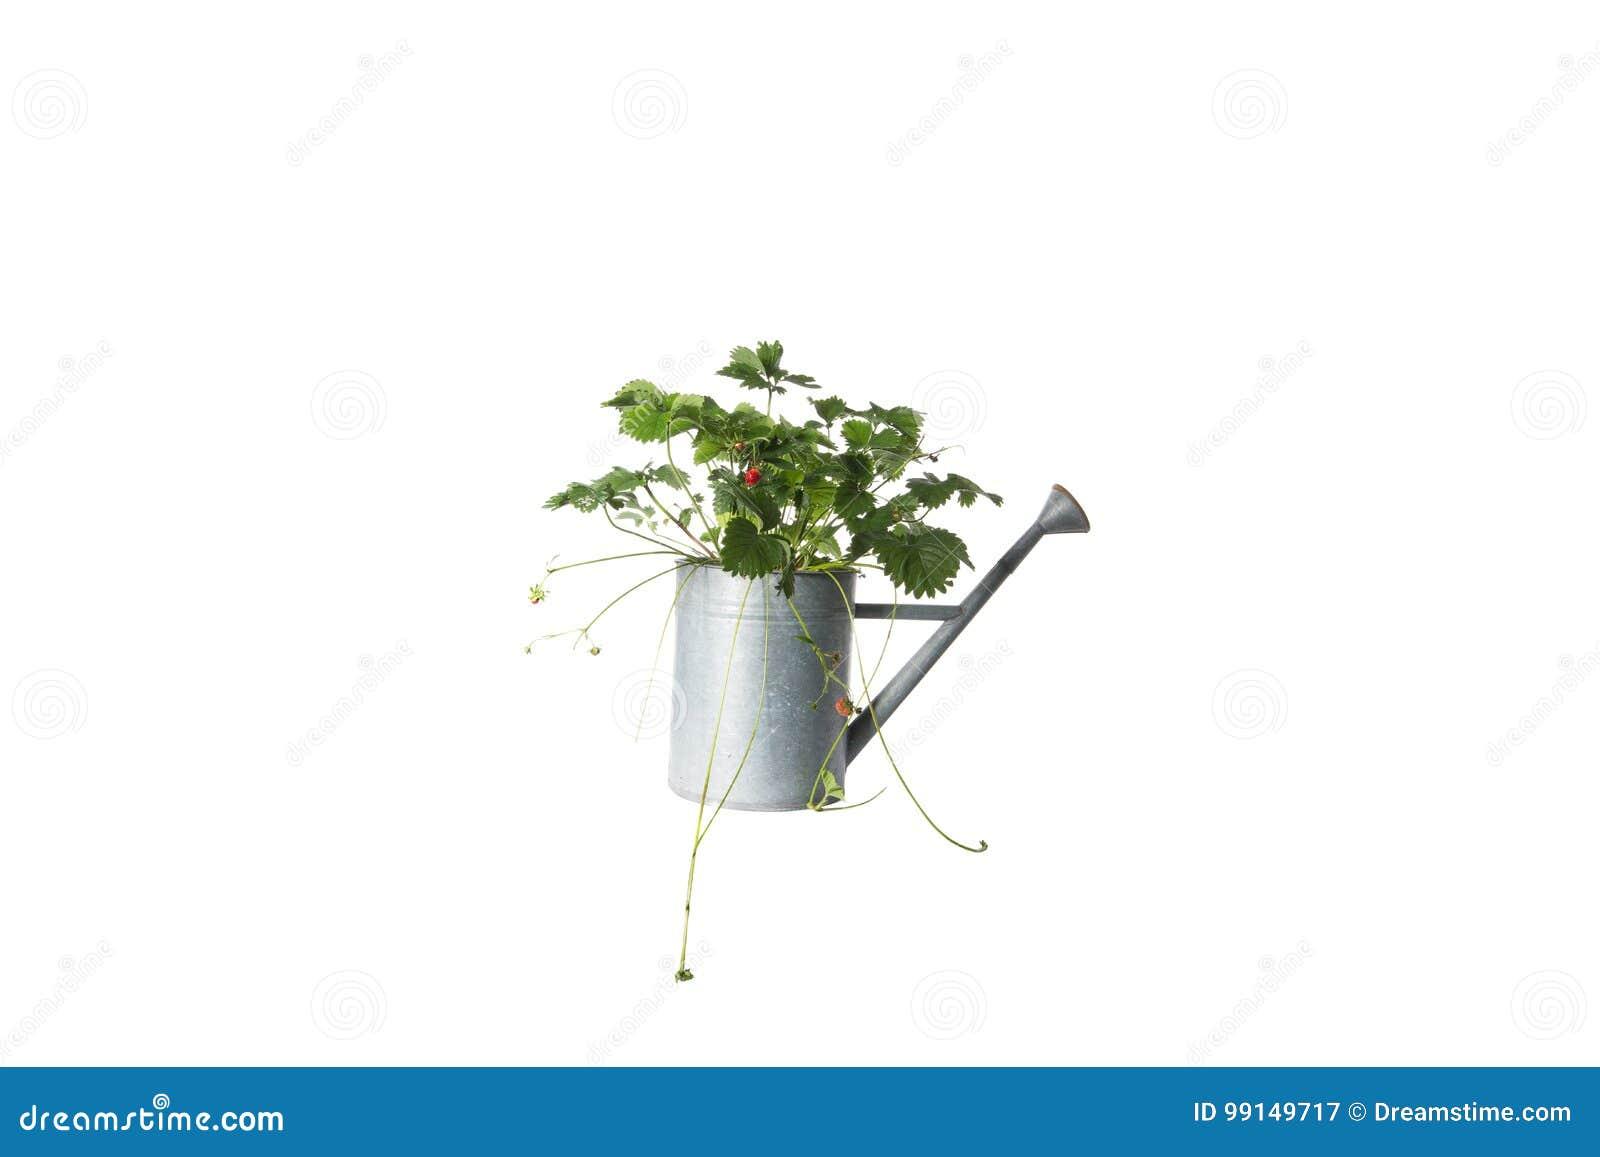 Domowa roślina w podlewanie puszce, roślina odizolowywająca na bielu